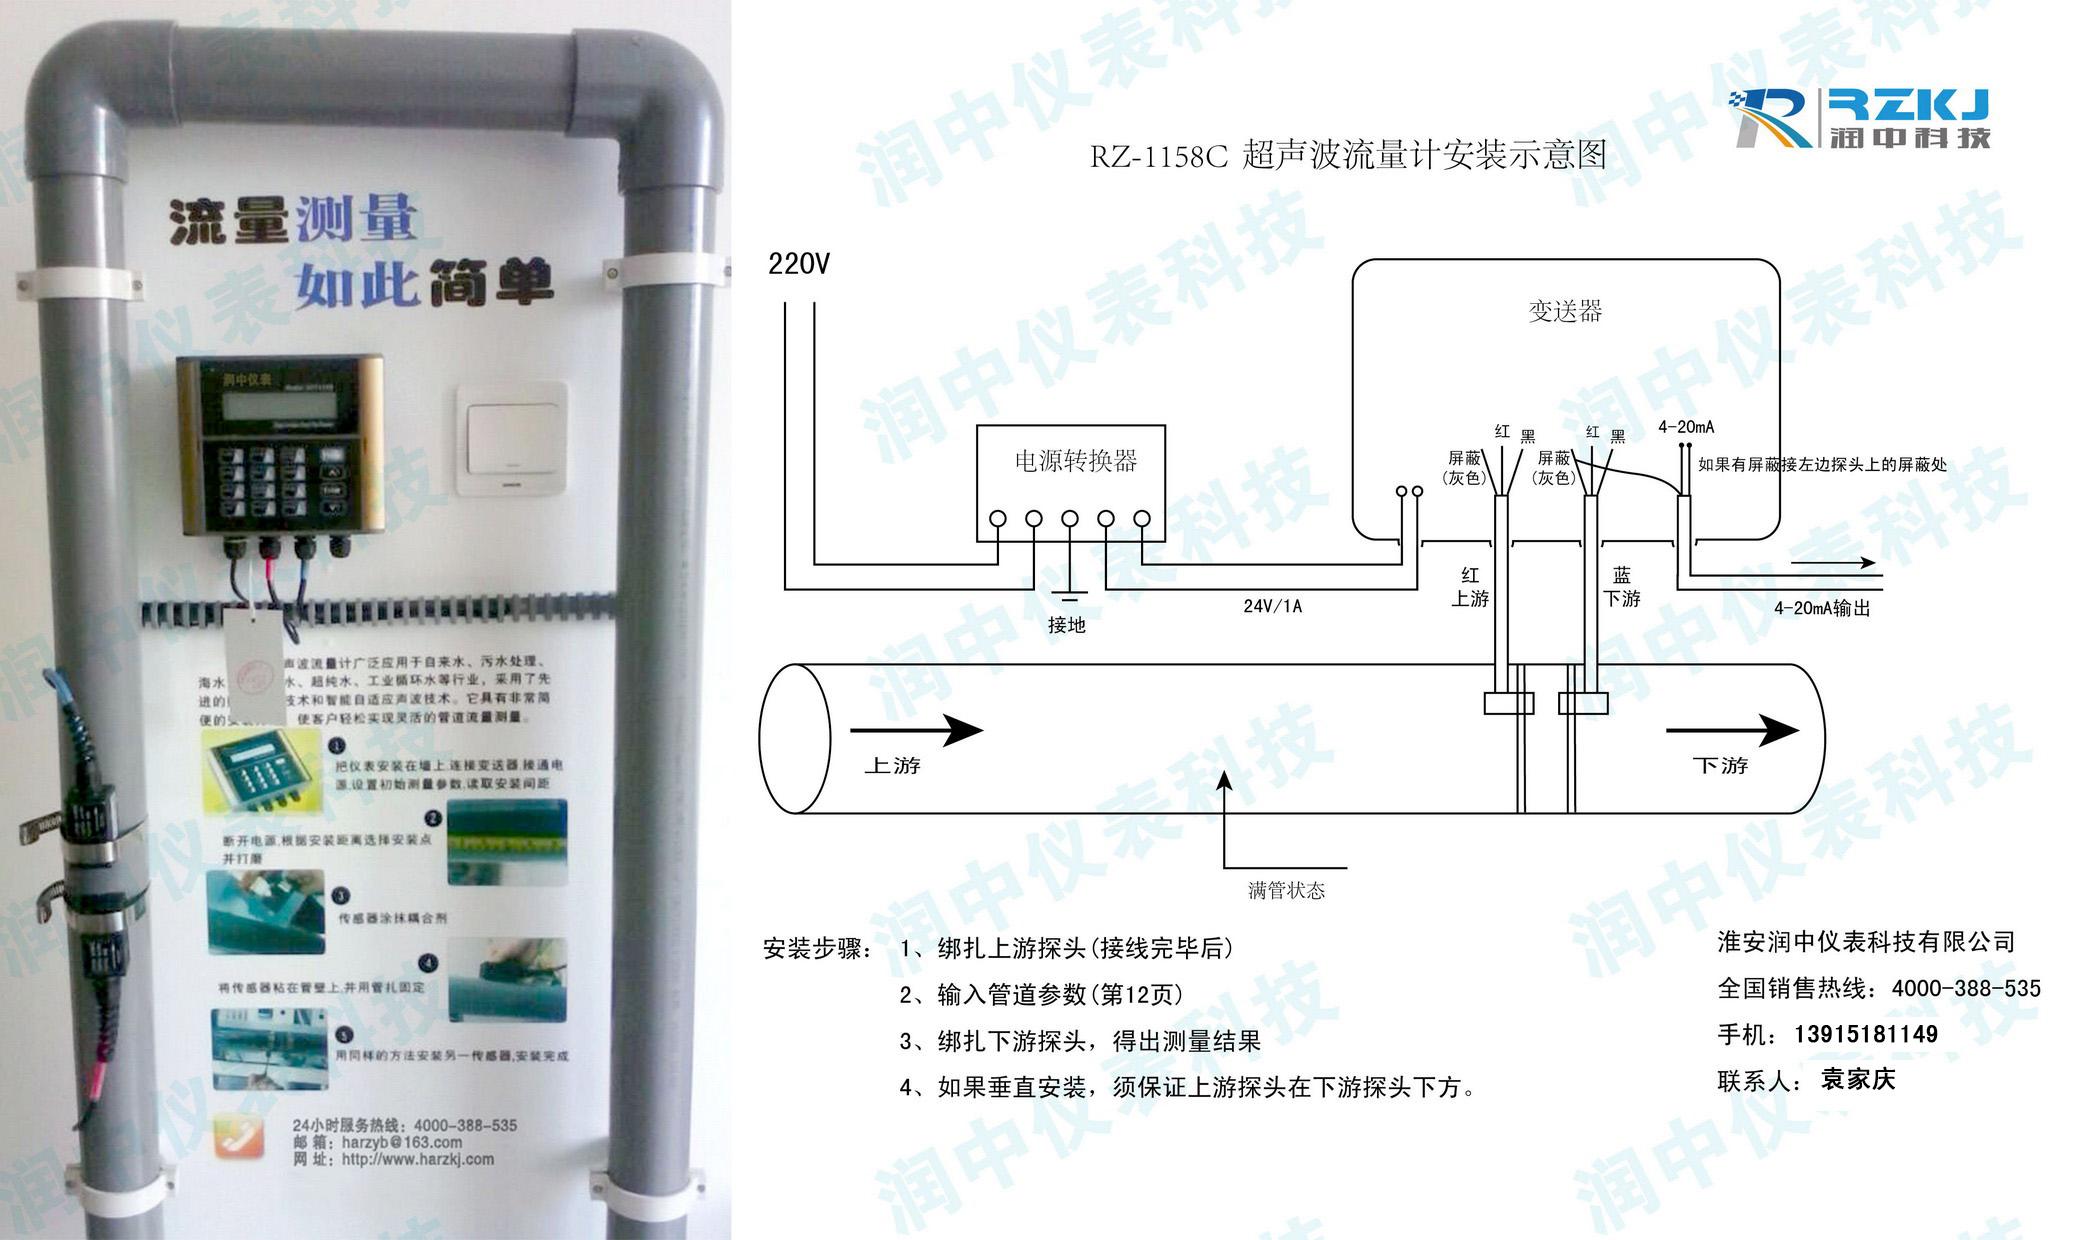 如何正确地选择并使用超声波流量计测量空调水流量